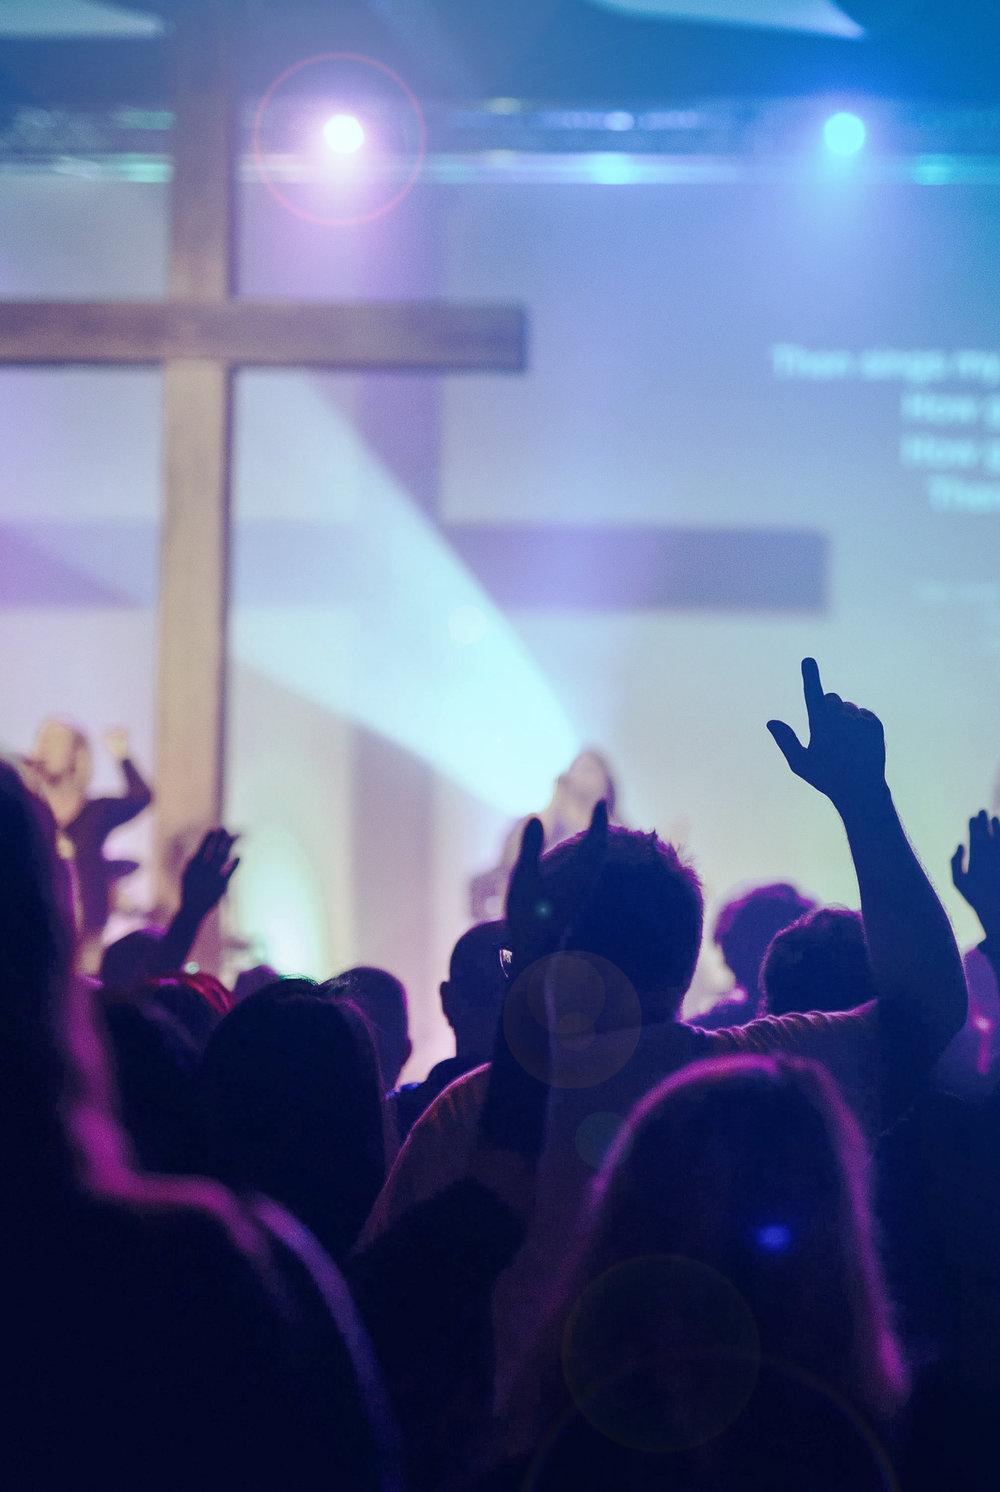 Wij zijnOPEN. - Een kerk die open isvoor God en onze omgeving,en open staat voor jou.